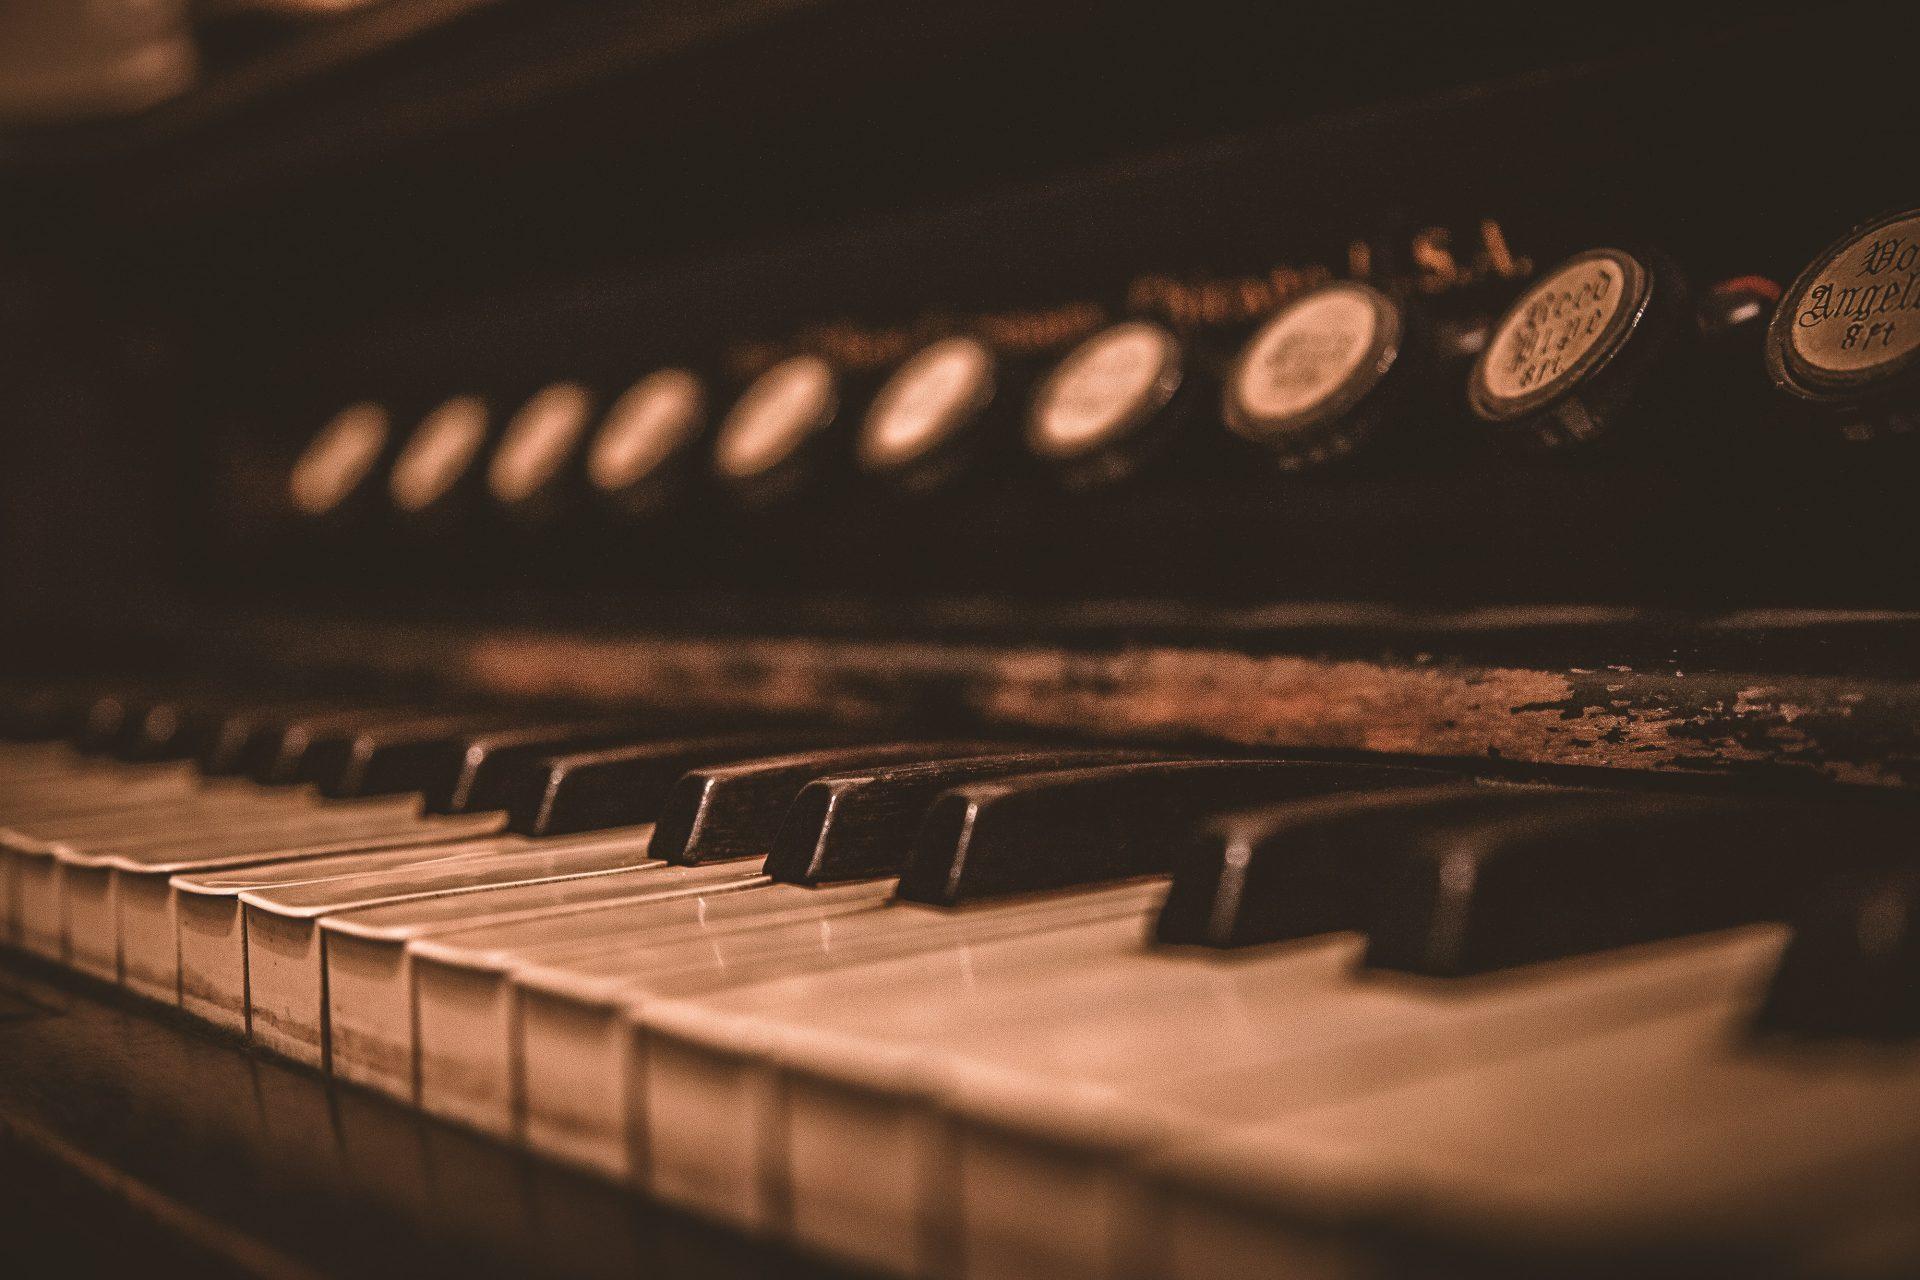 Bild på klaviatur och reglage tillhörande en äldre tramporgel.